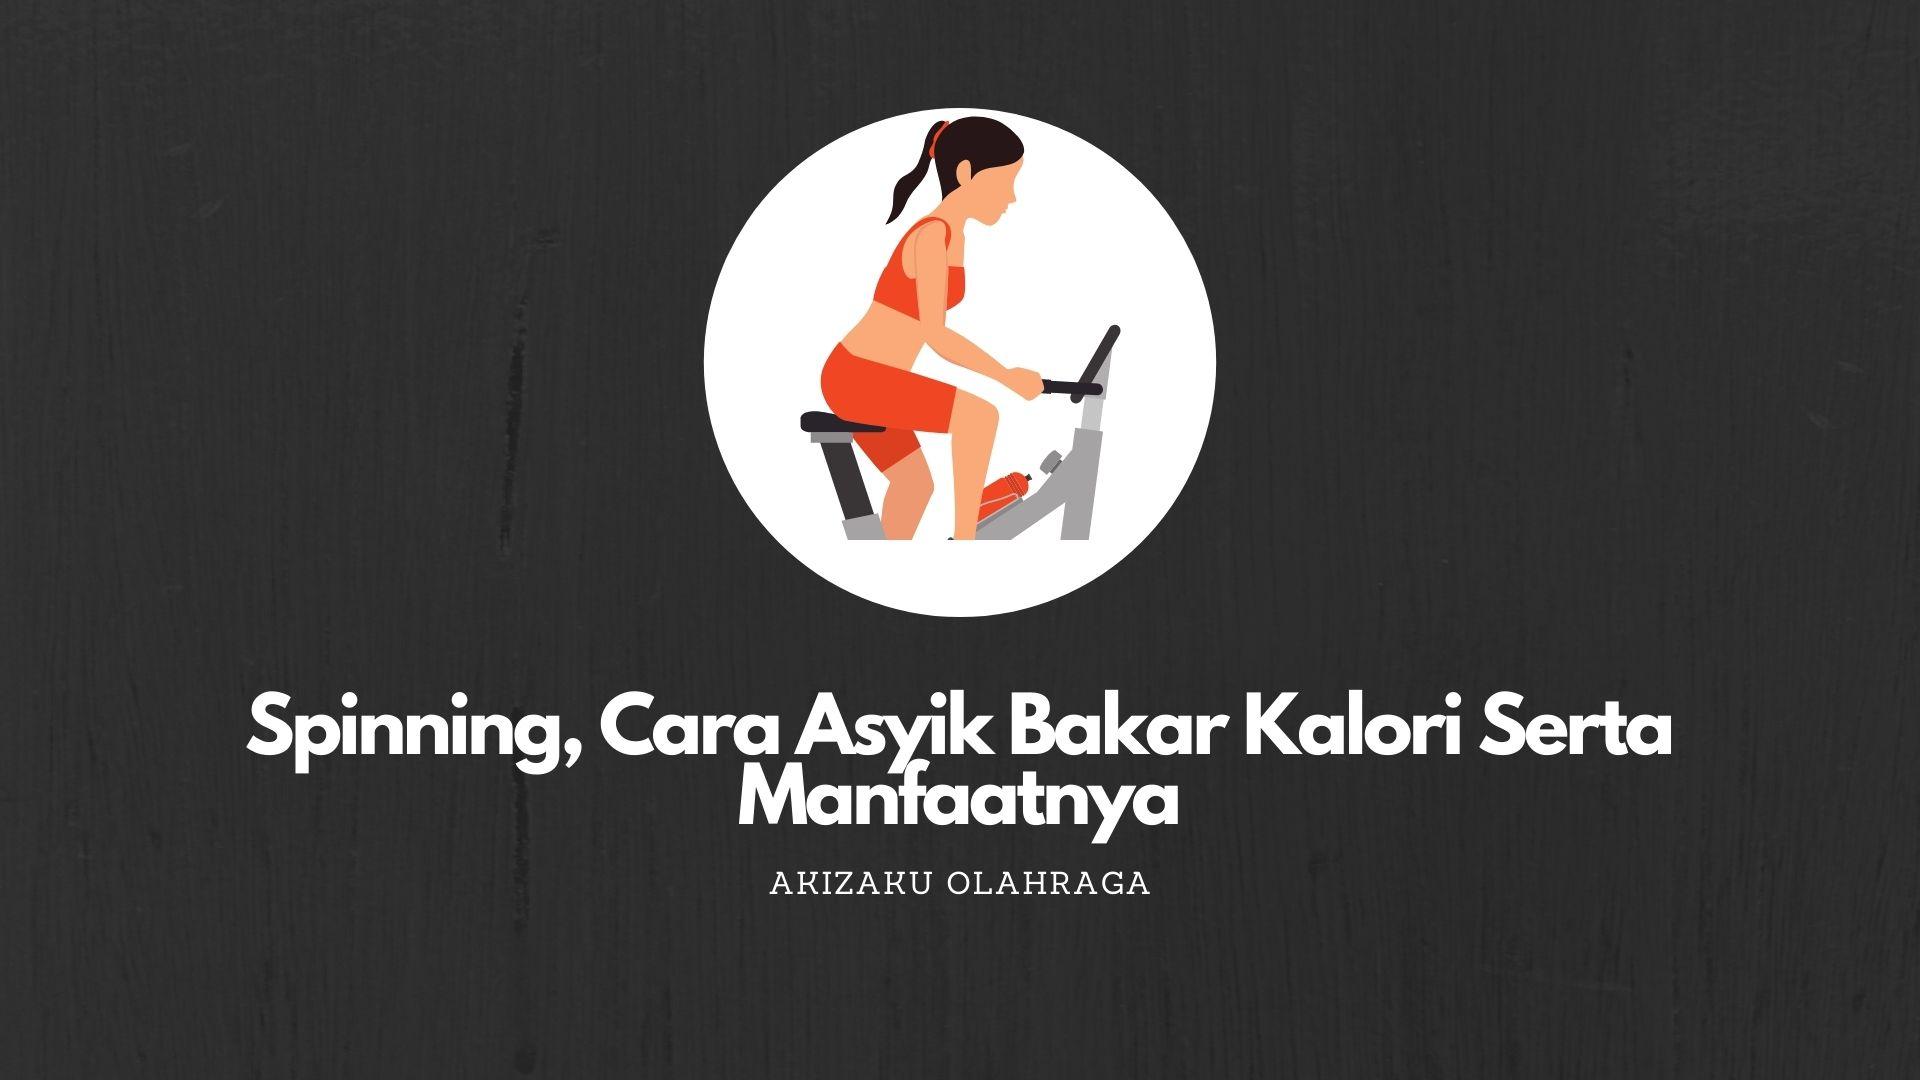 [Image: Spinning-Cara-Asyik-Bakar-Kalori-Serta-Manfaatnya.jpg]